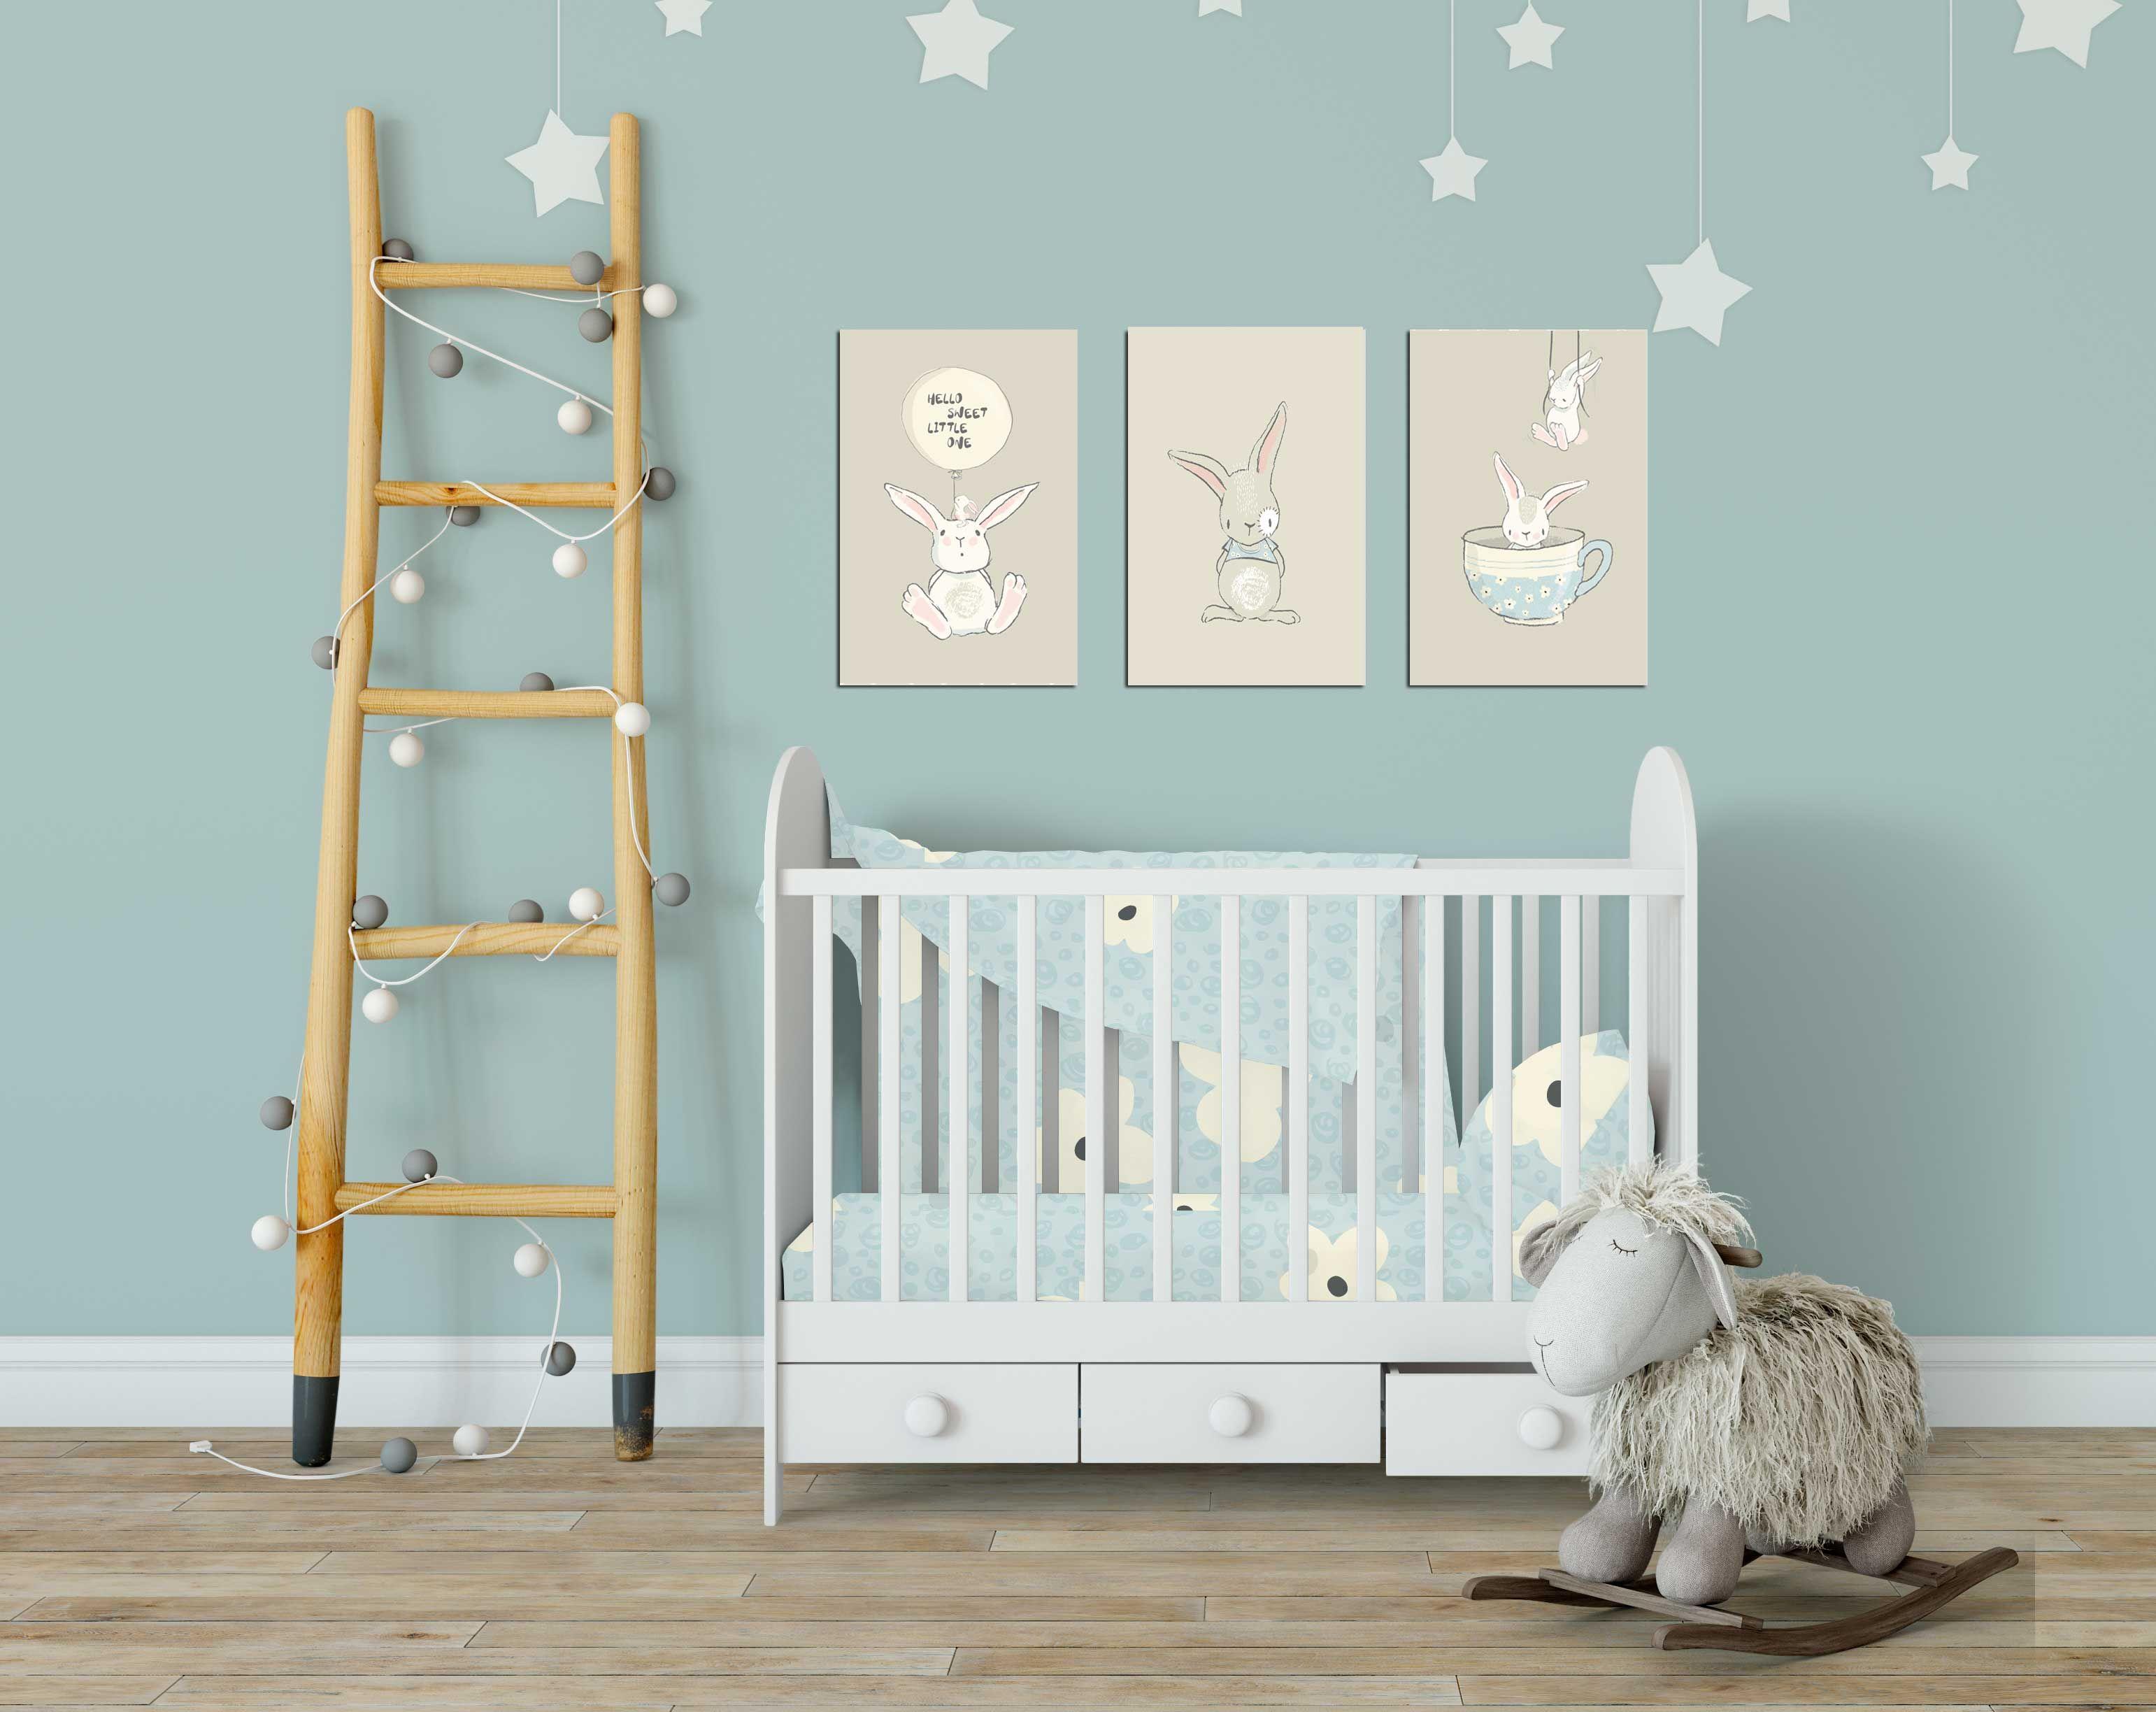 Poster Babykamer Pastel : Rustige lieve voornamelijk grijze print. zeer geschikt voor de